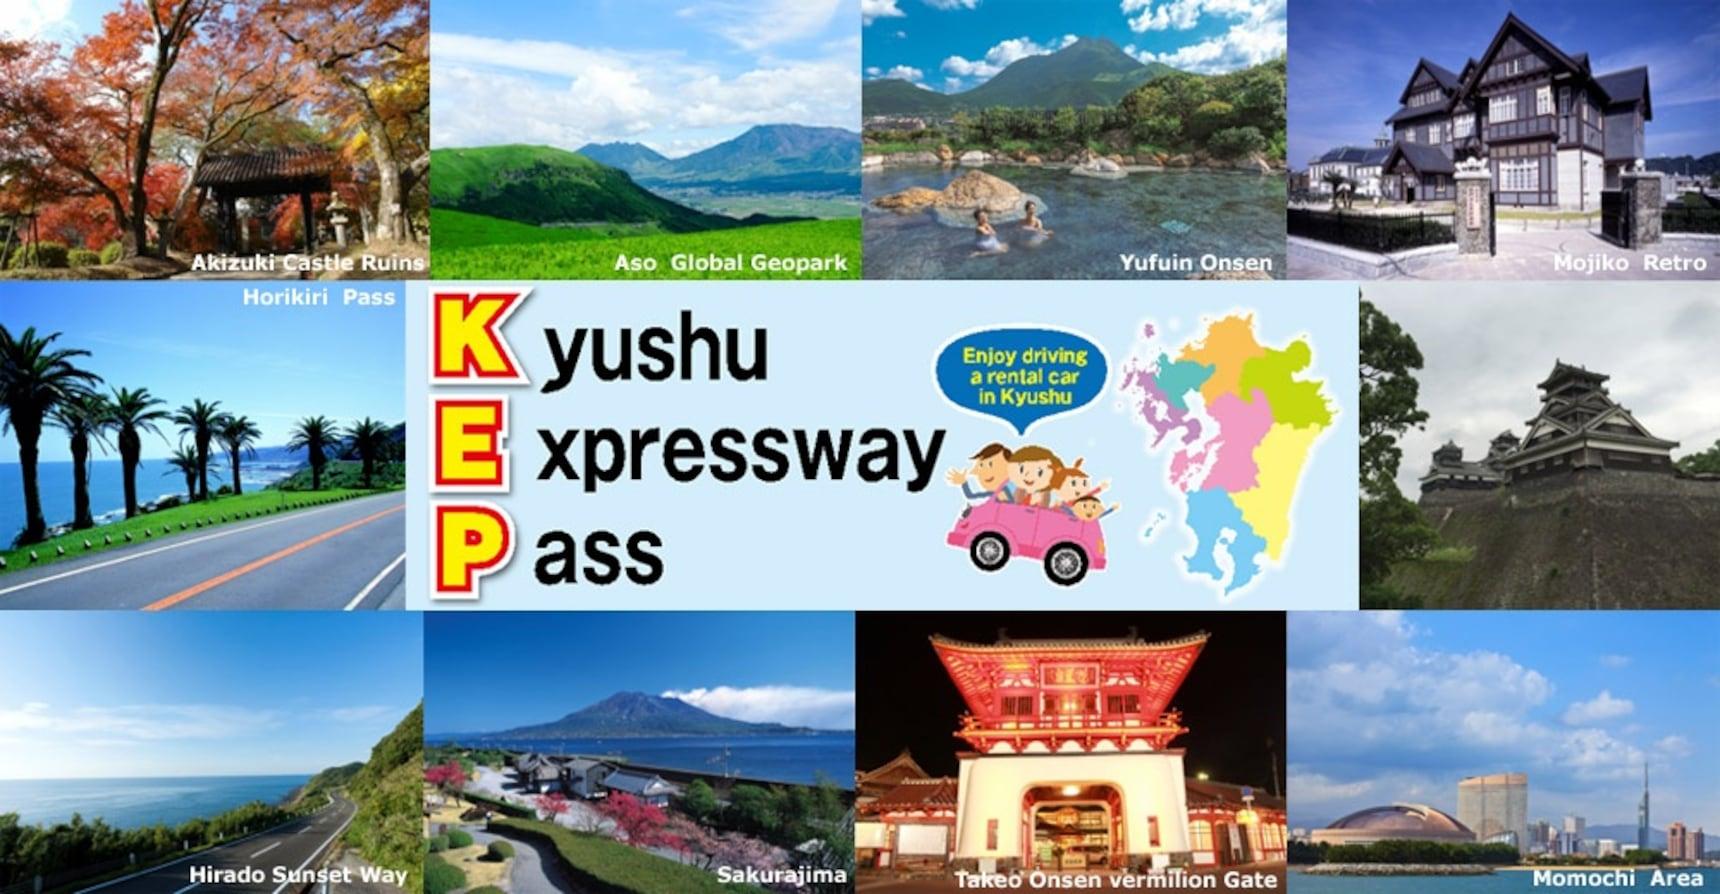 ขับรถเที่ยวตะลุยเกาะคิวชูแบบไม่จำกัดกับKEPพาส